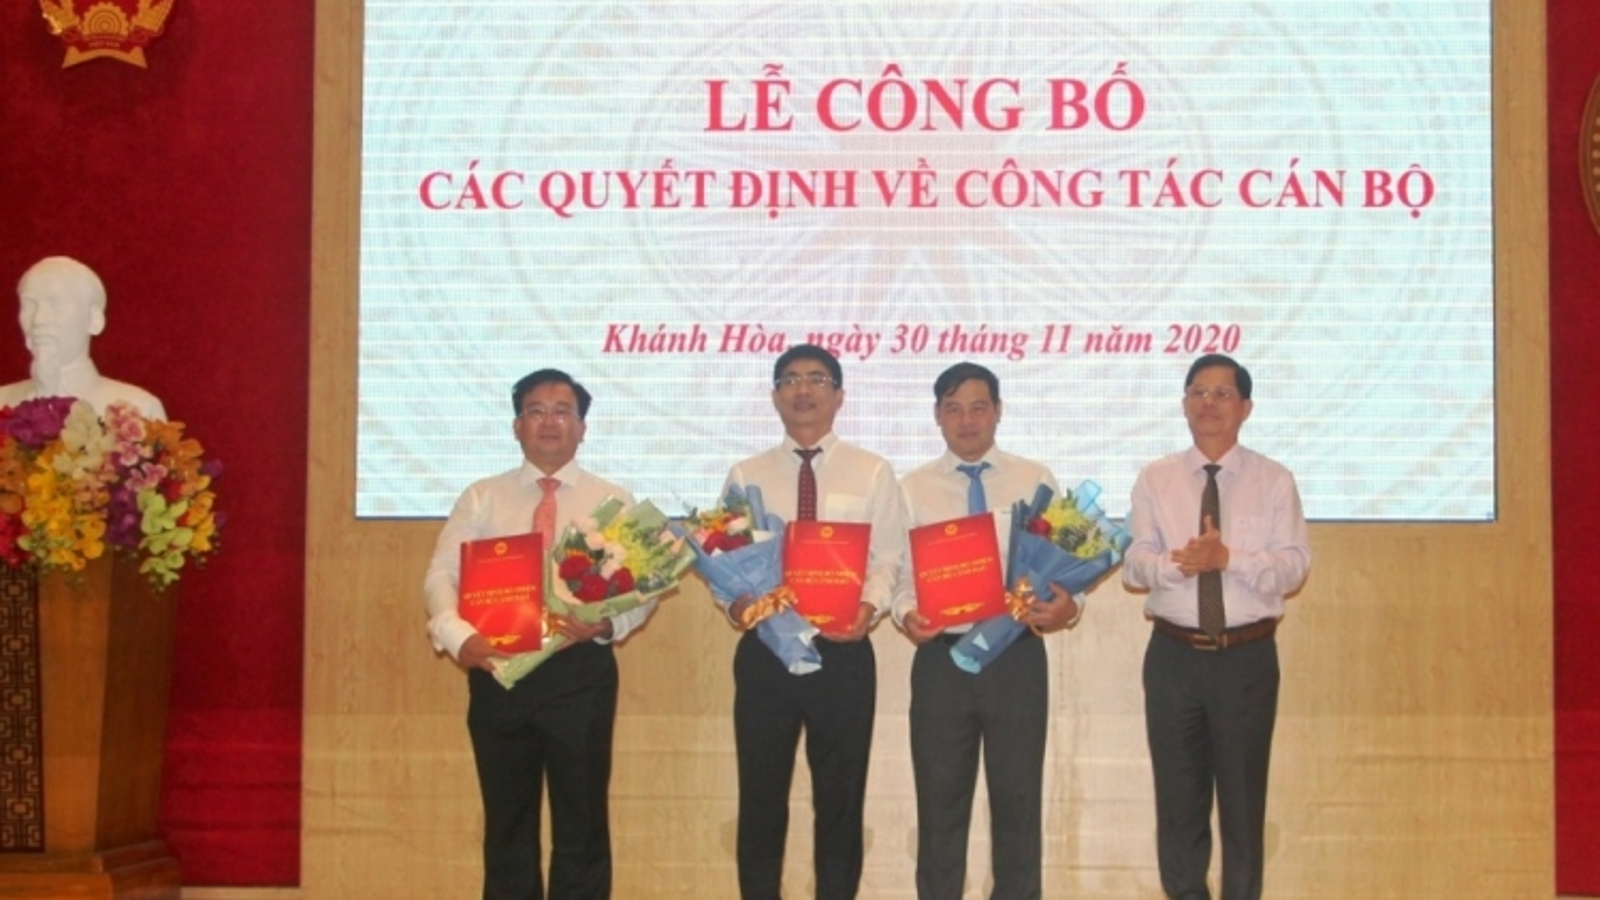 Bổ nhiệm lãnh đạo chủ chốt 6 sở, ngành tại Khánh Hòa